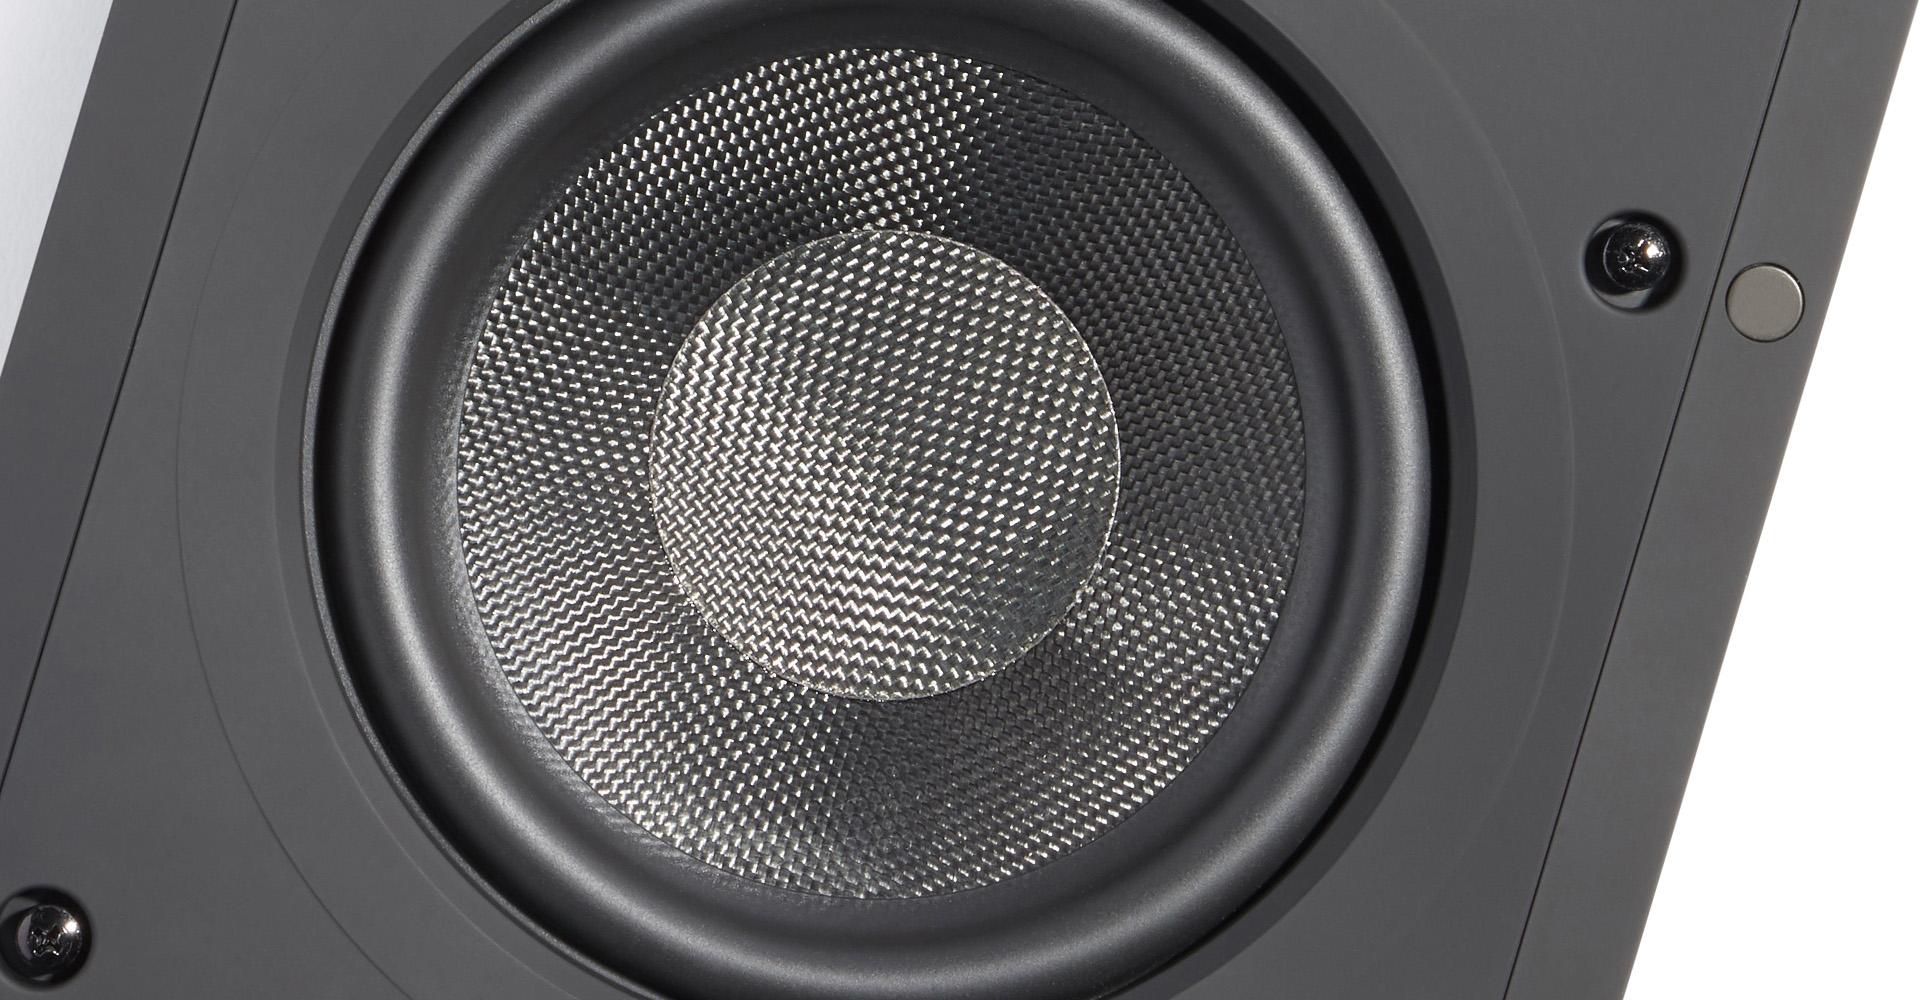 Арамидное волокно используется для изготовления диффузоров всех моделей архитектурной акустики ELAC Debut